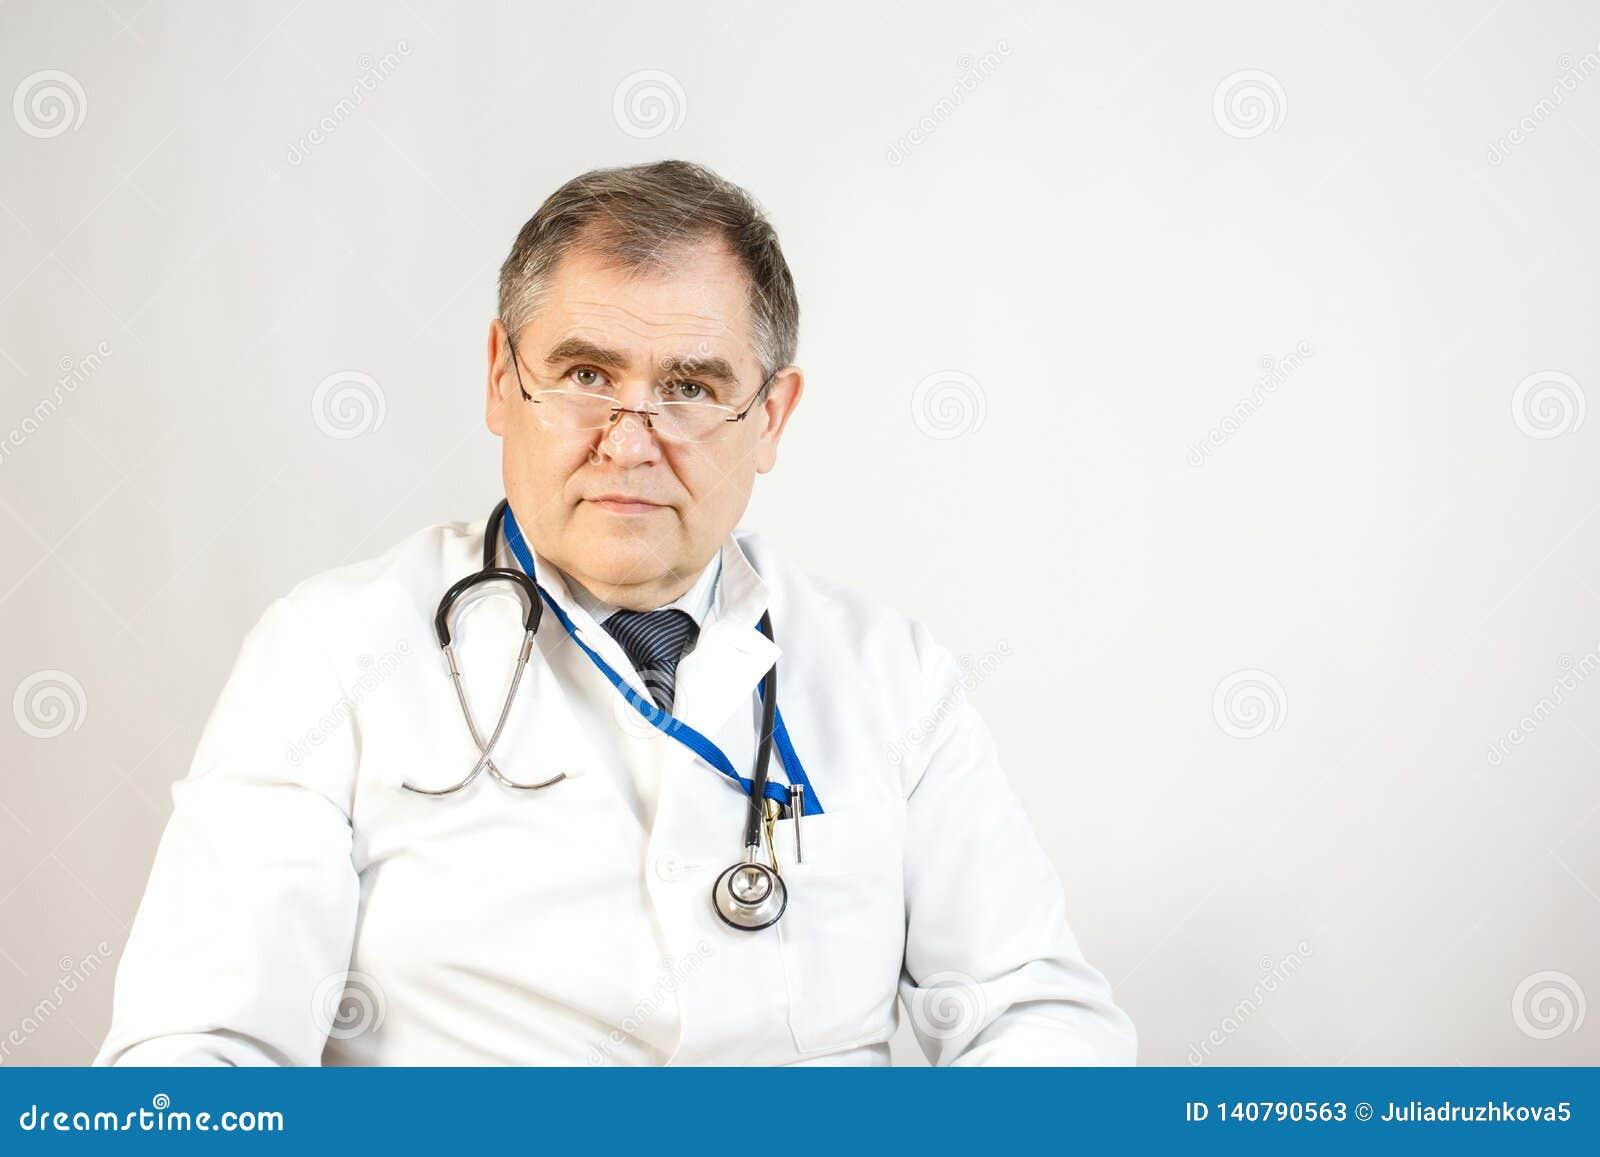 Доктор в белых пальто и связи смотрит вперед, whist имеет стетоскоп и значок на его шеи, и ручки в его